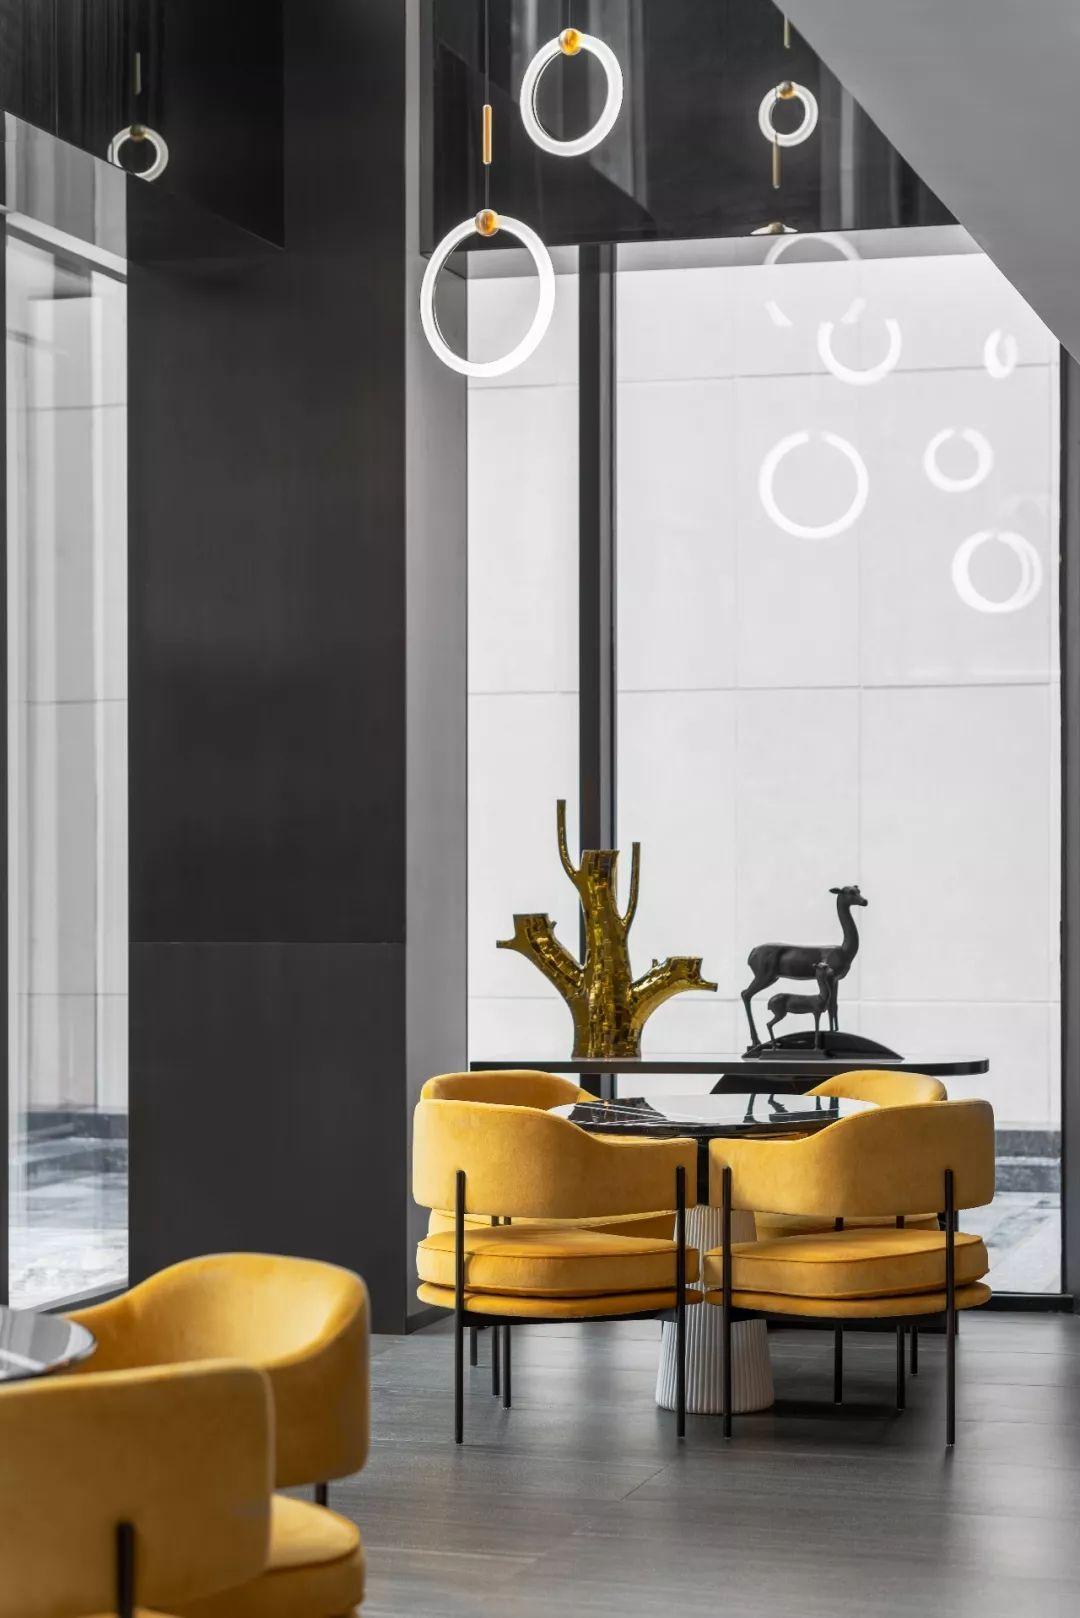 简约、精致、奢华,诠释当代高尚生活品质!| 李益中空间设计